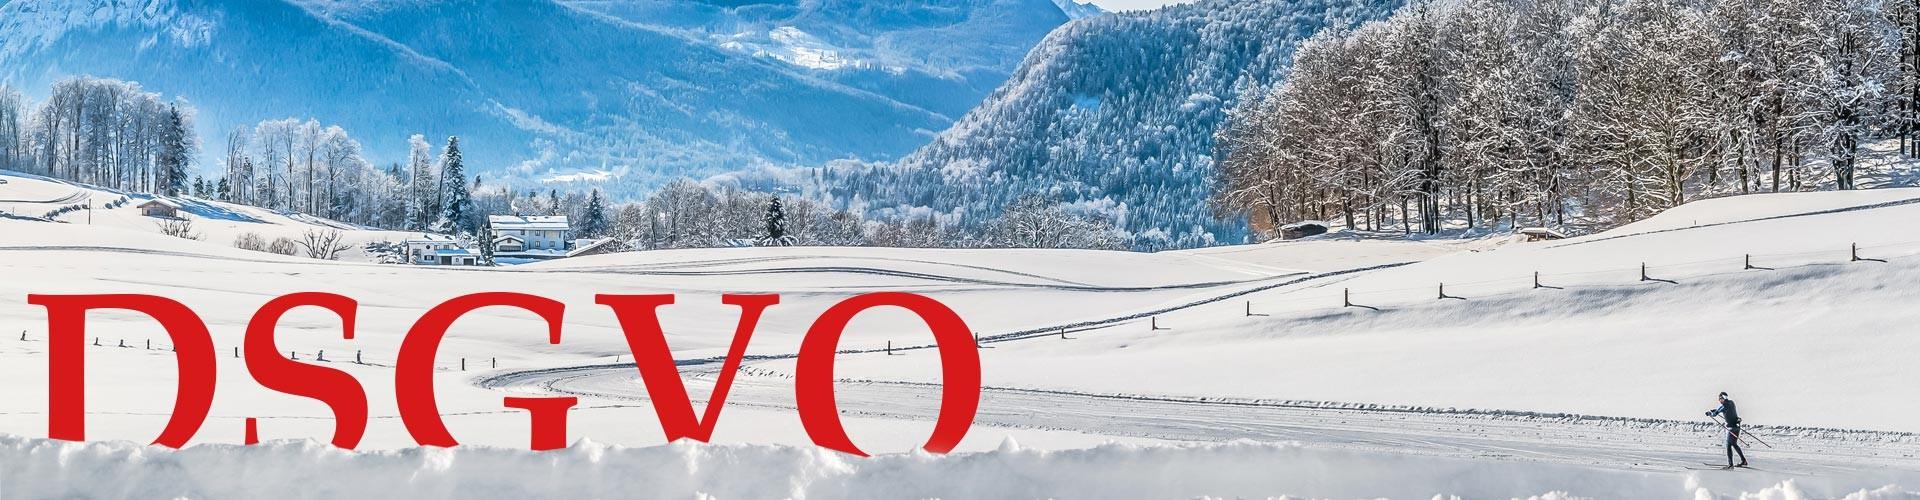 DSGVO berchtesgaden-online